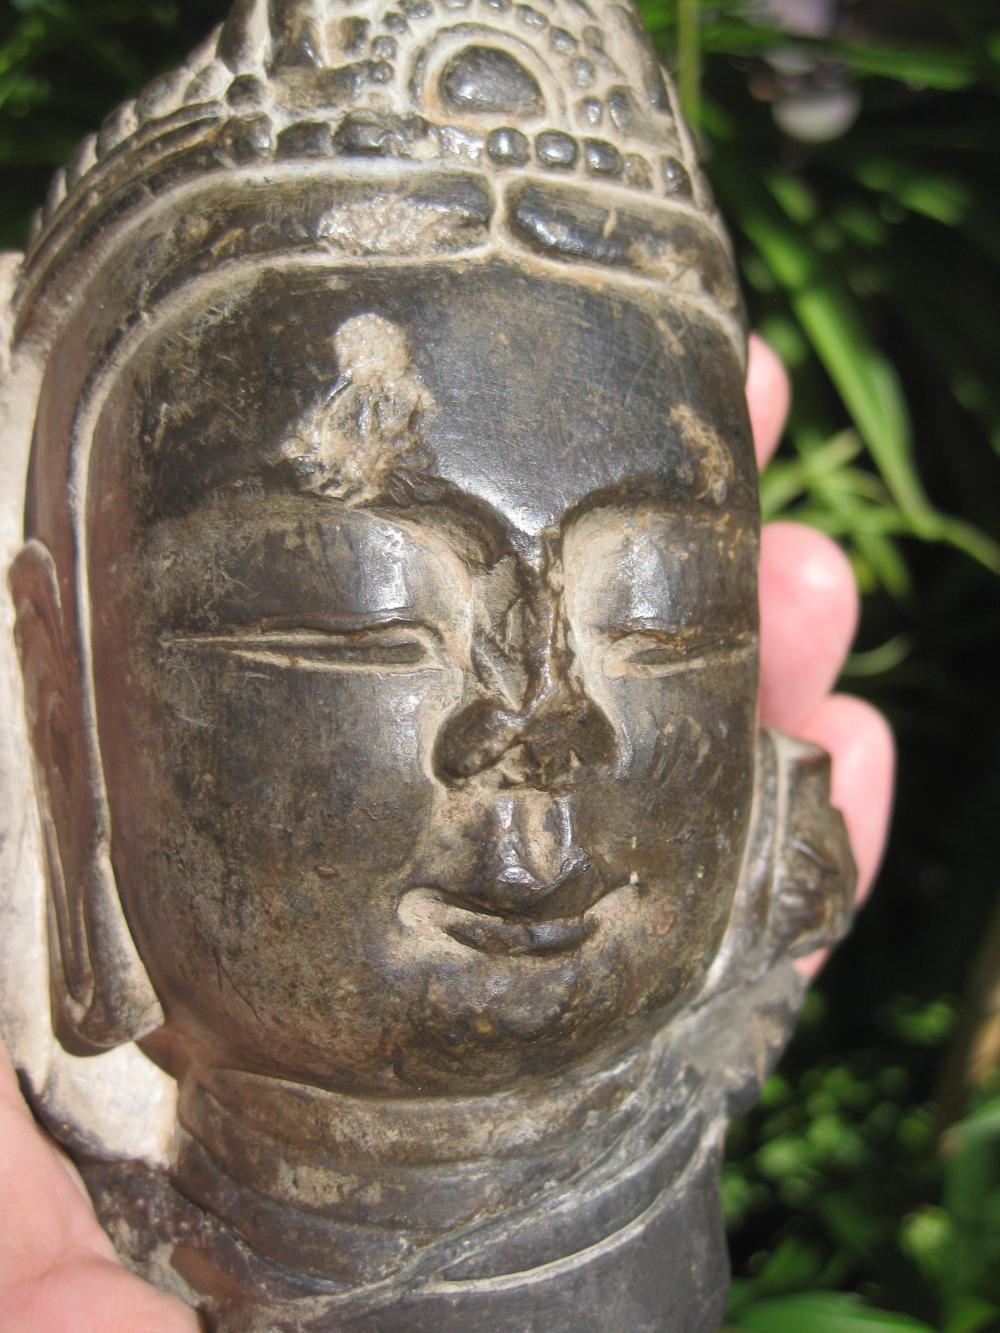 南北朝-隋朝 Chinese Bodhisattva carved stone head, 6th century AD.